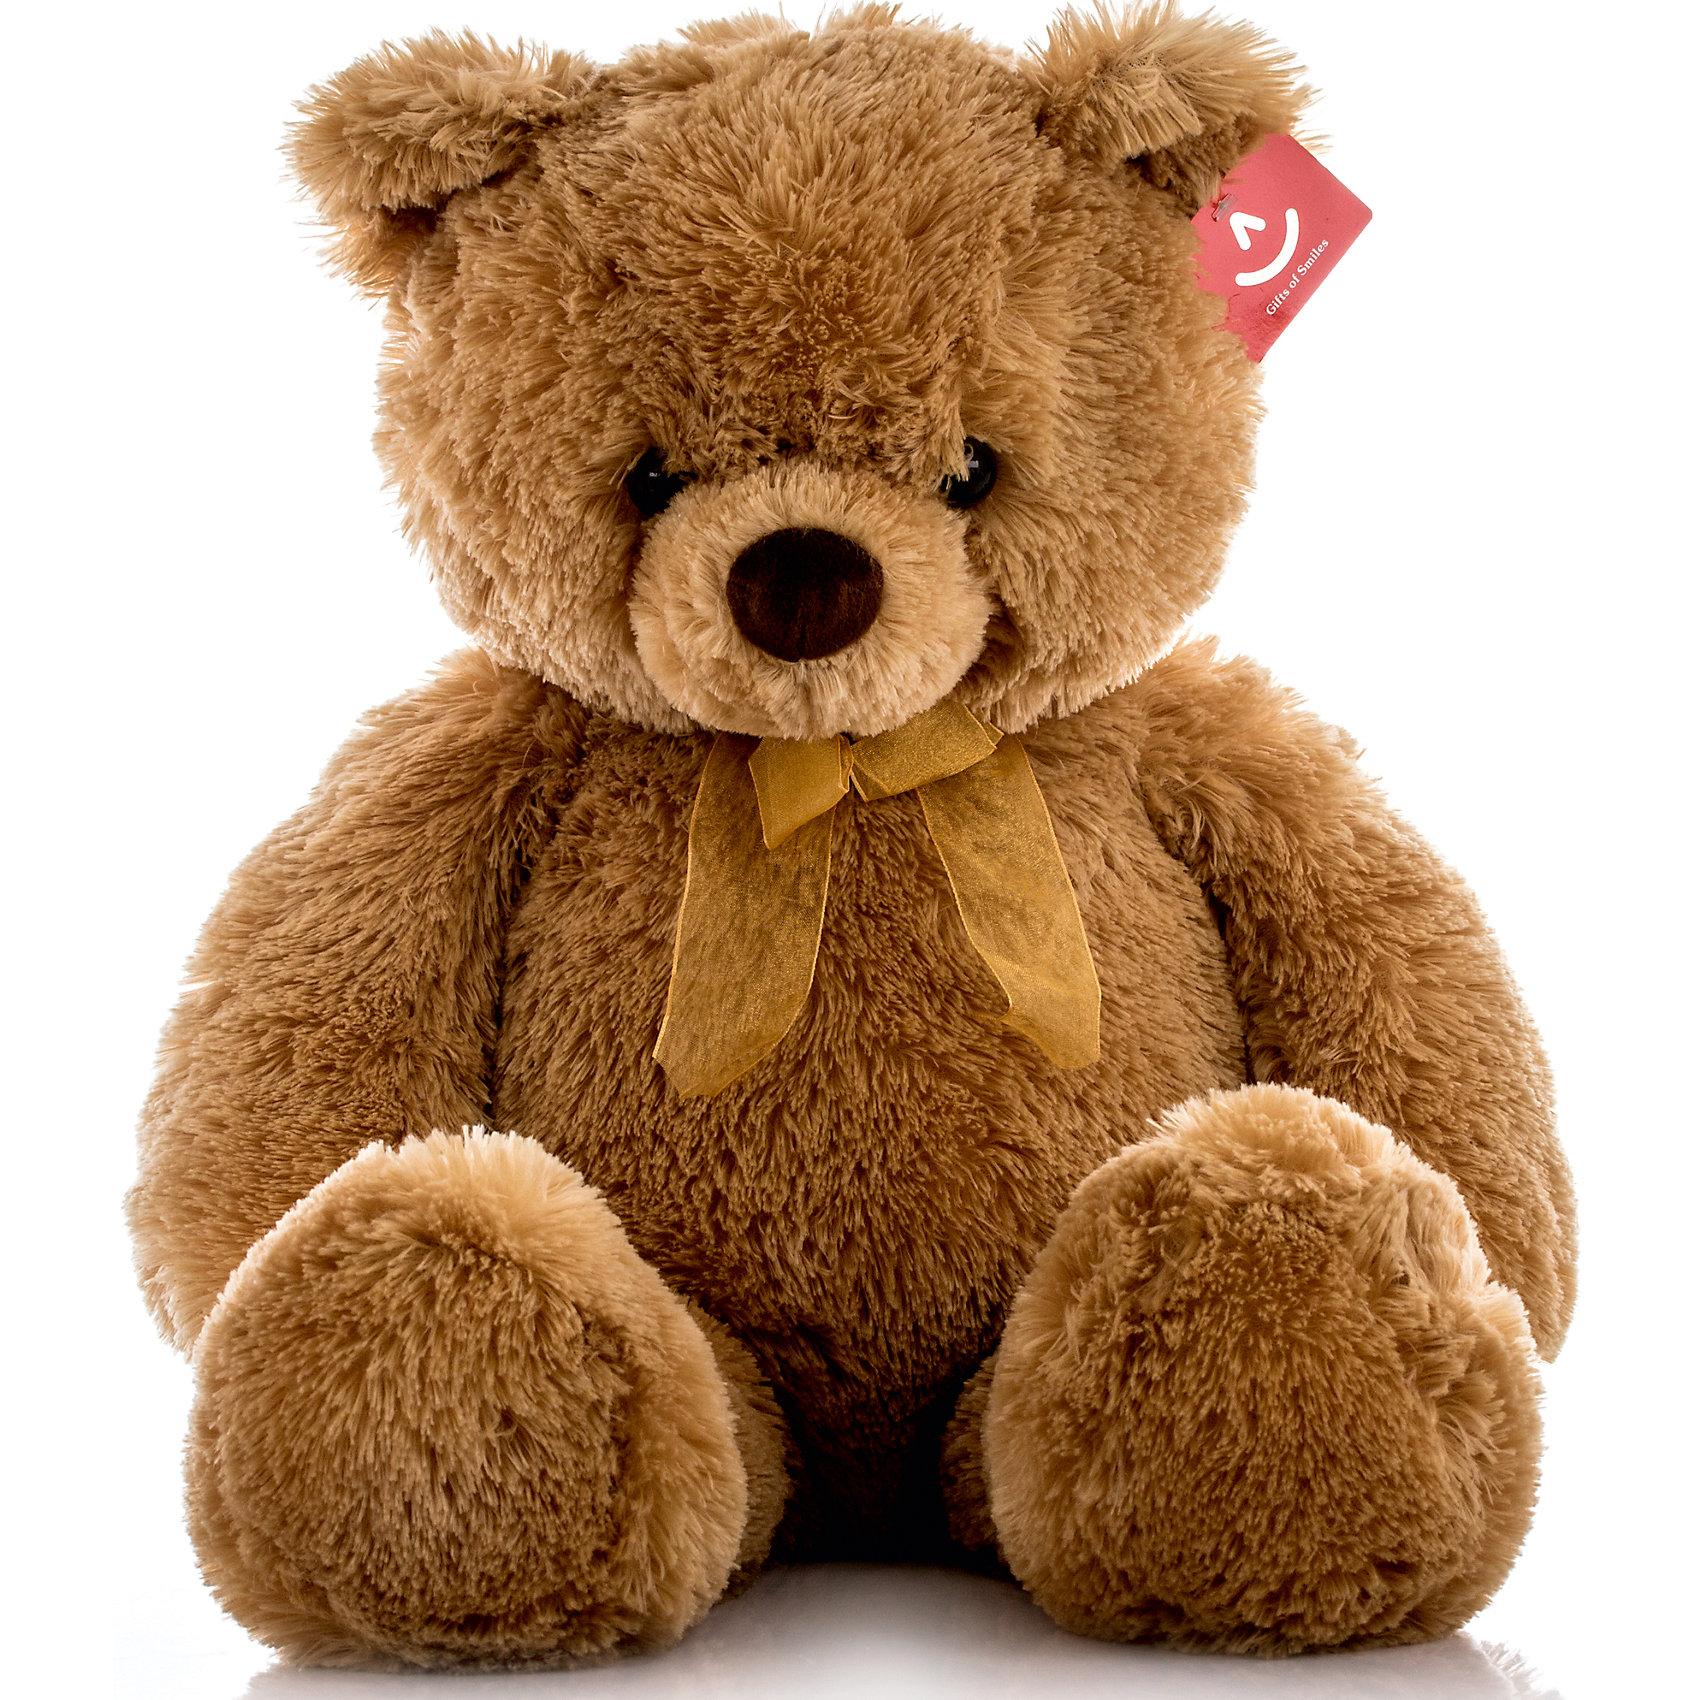 Мягкая игрушка Медведь, 65 см, AURORAМедвежата<br>Милый плюшевый мишка станет любимой игрушкой Вашего ребенка, ведь он невероятно мягкий и красивый, а еще его можно брать везде с собой!<br><br>Дополнительная информация:<br><br>- Возраст: от 3 лет.<br>- Материал: 100% плюш.<br>- Цвет: коричневый.<br>- Высота игрушки: 65 см.<br><br>Купить игрушку Медведя можно в нашем магазине.<br><br>Ширина мм: 230<br>Глубина мм: 190<br>Высота мм: 260<br>Вес г: 868<br>Возраст от месяцев: 36<br>Возраст до месяцев: 120<br>Пол: Унисекс<br>Возраст: Детский<br>SKU: 4929024